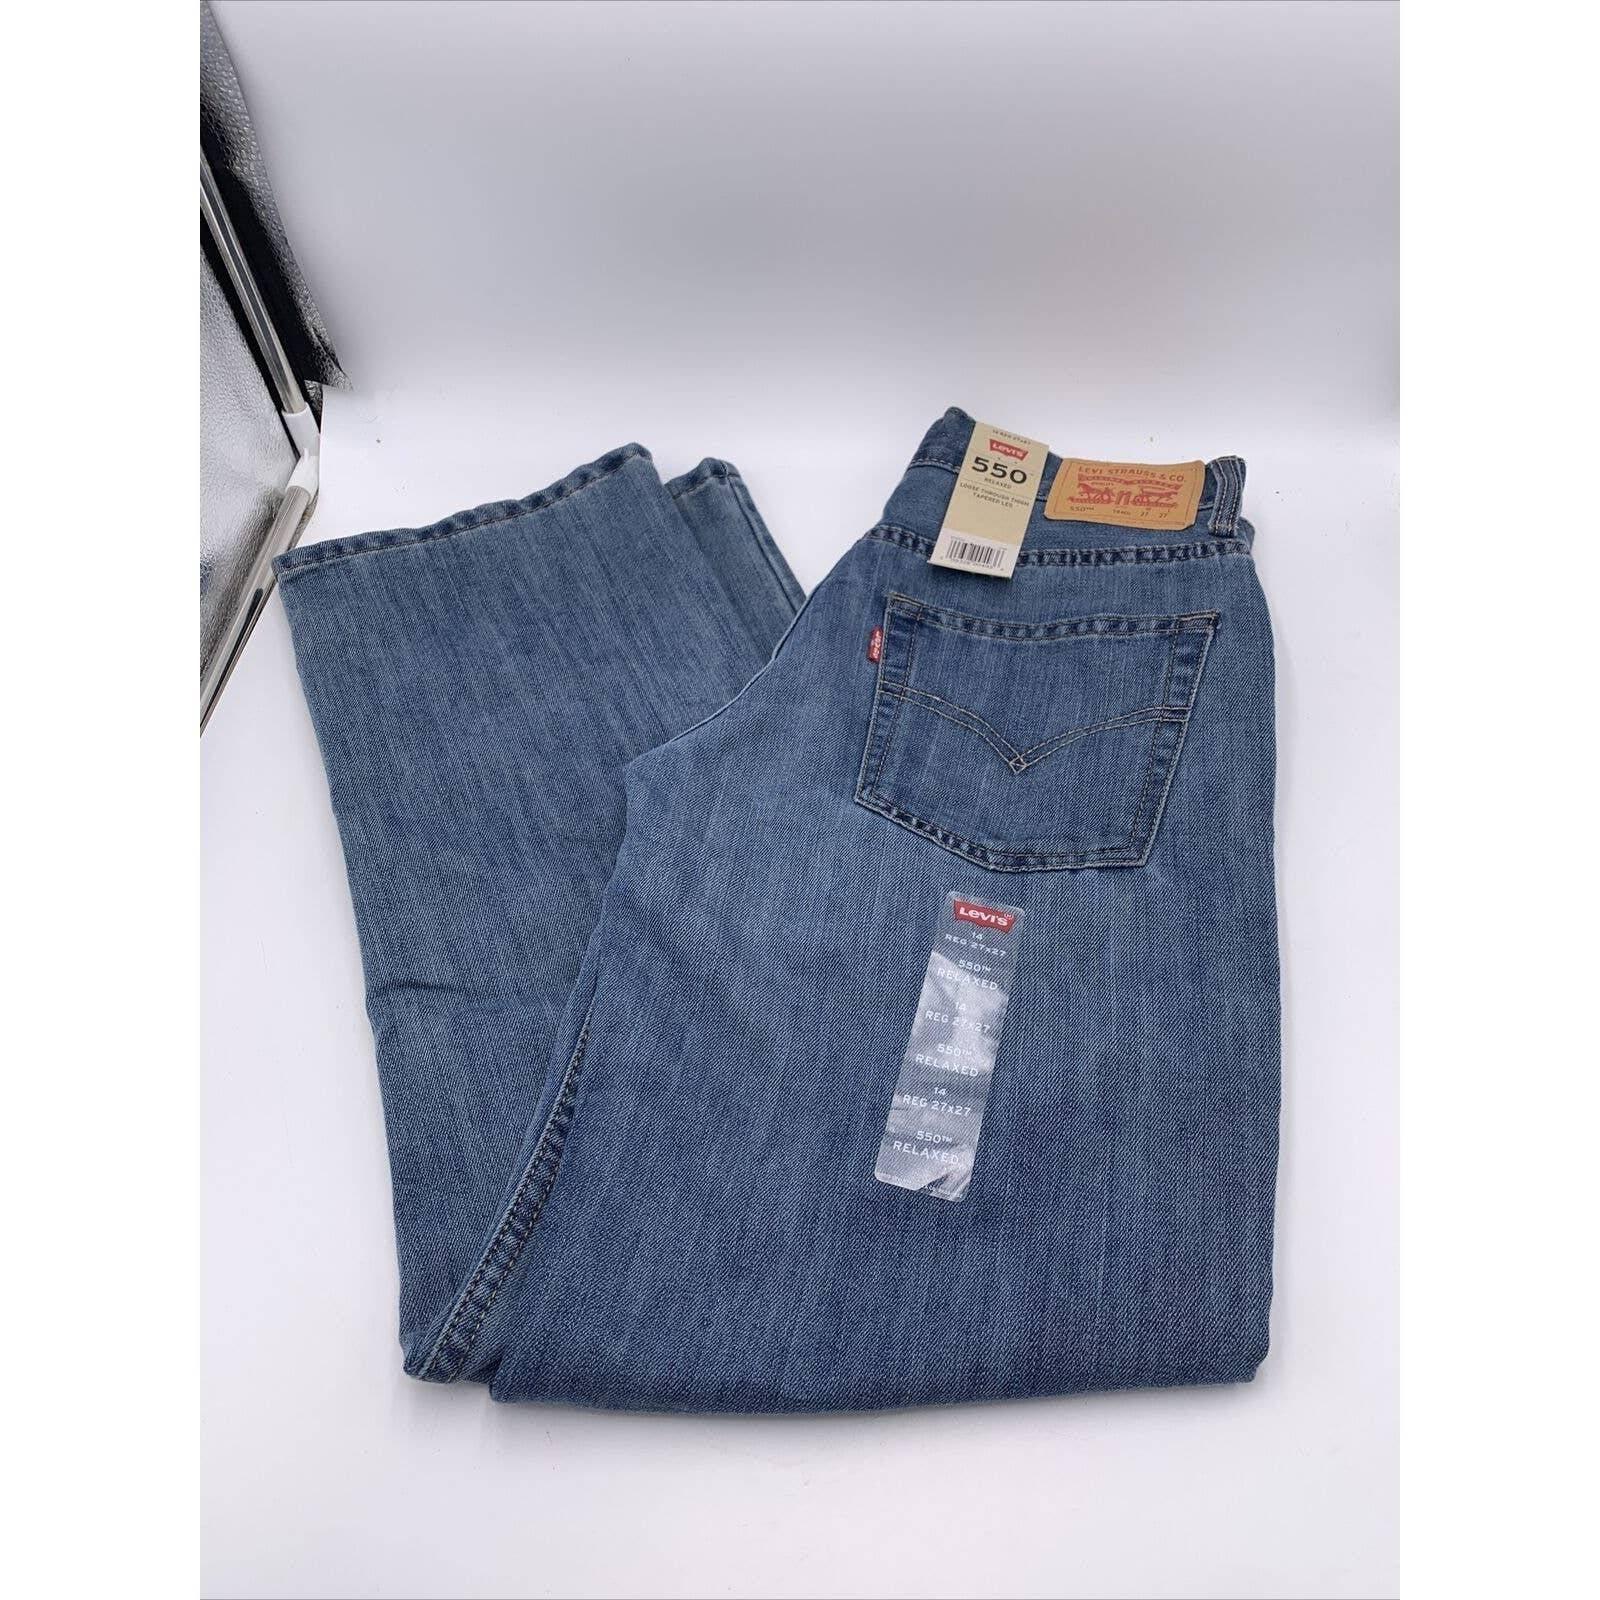 LEVIS Boys Jeans Size 14 Levis 550 27X27